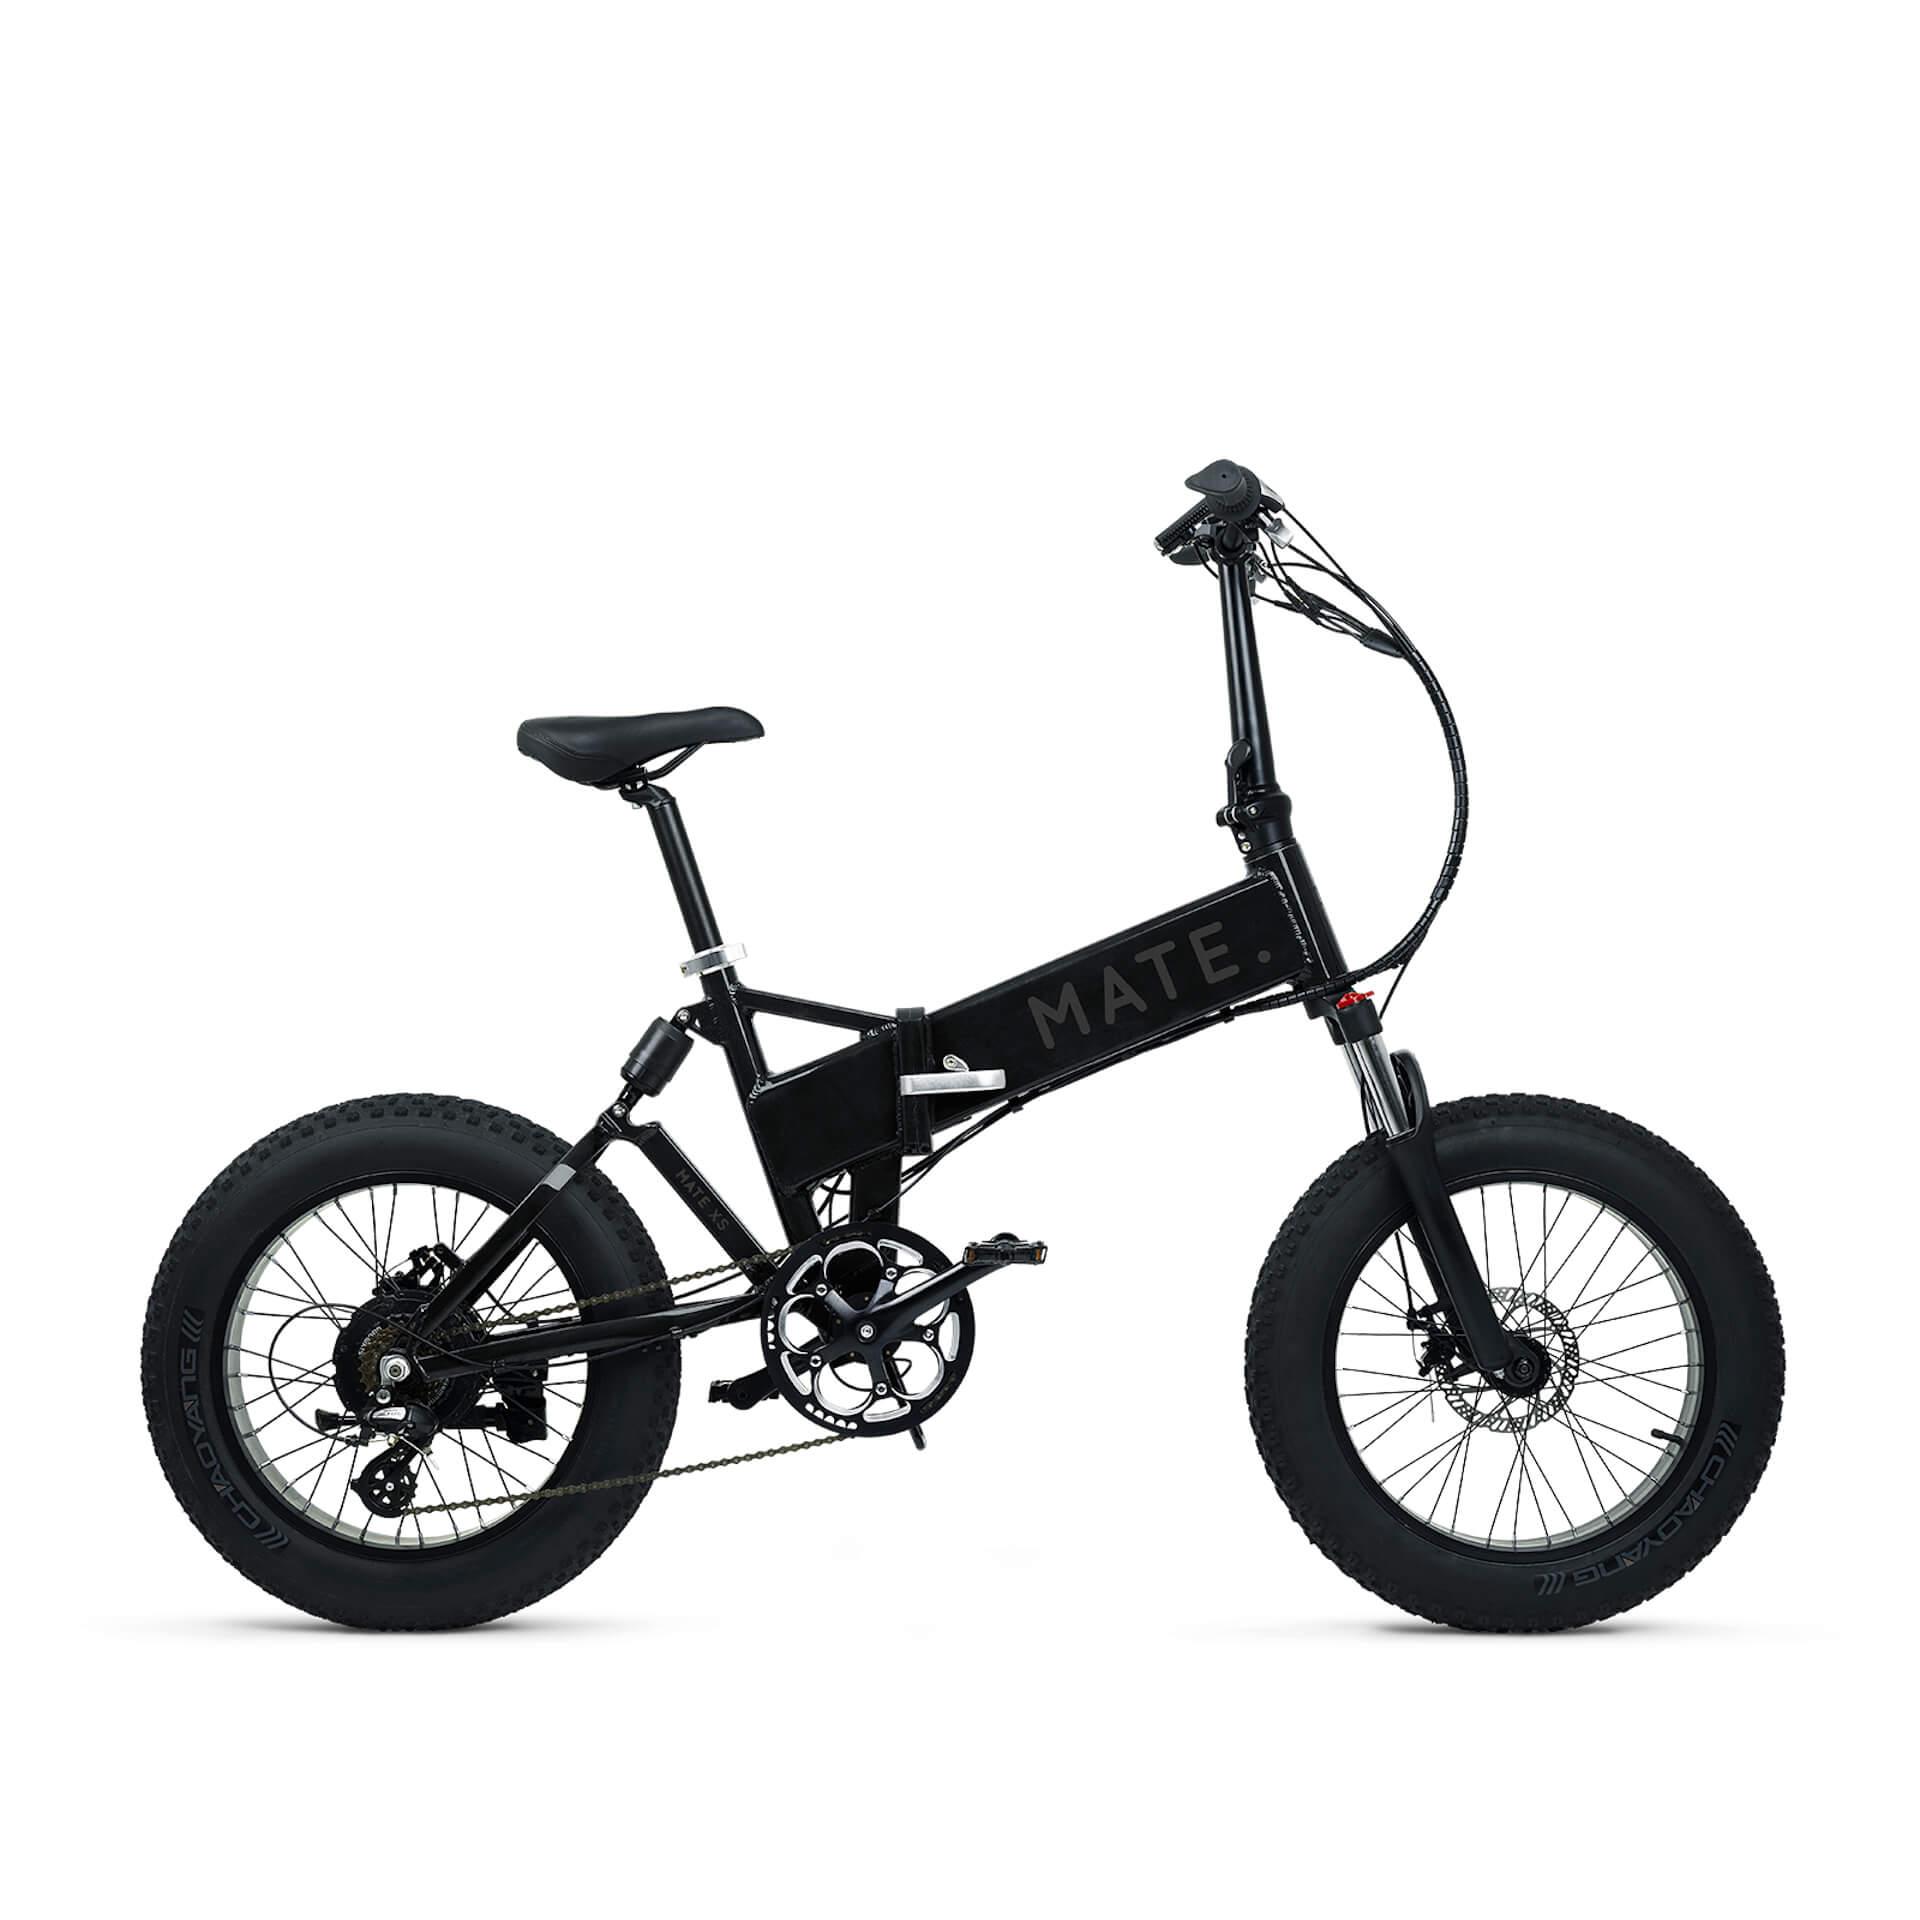 電動自転車ブランド「MATE. BIKE」世界初の旗艦店が恵比寿にオープン!窪塚洋介がジャパンアンバサダーに就任 tech210331_mate_bike_1